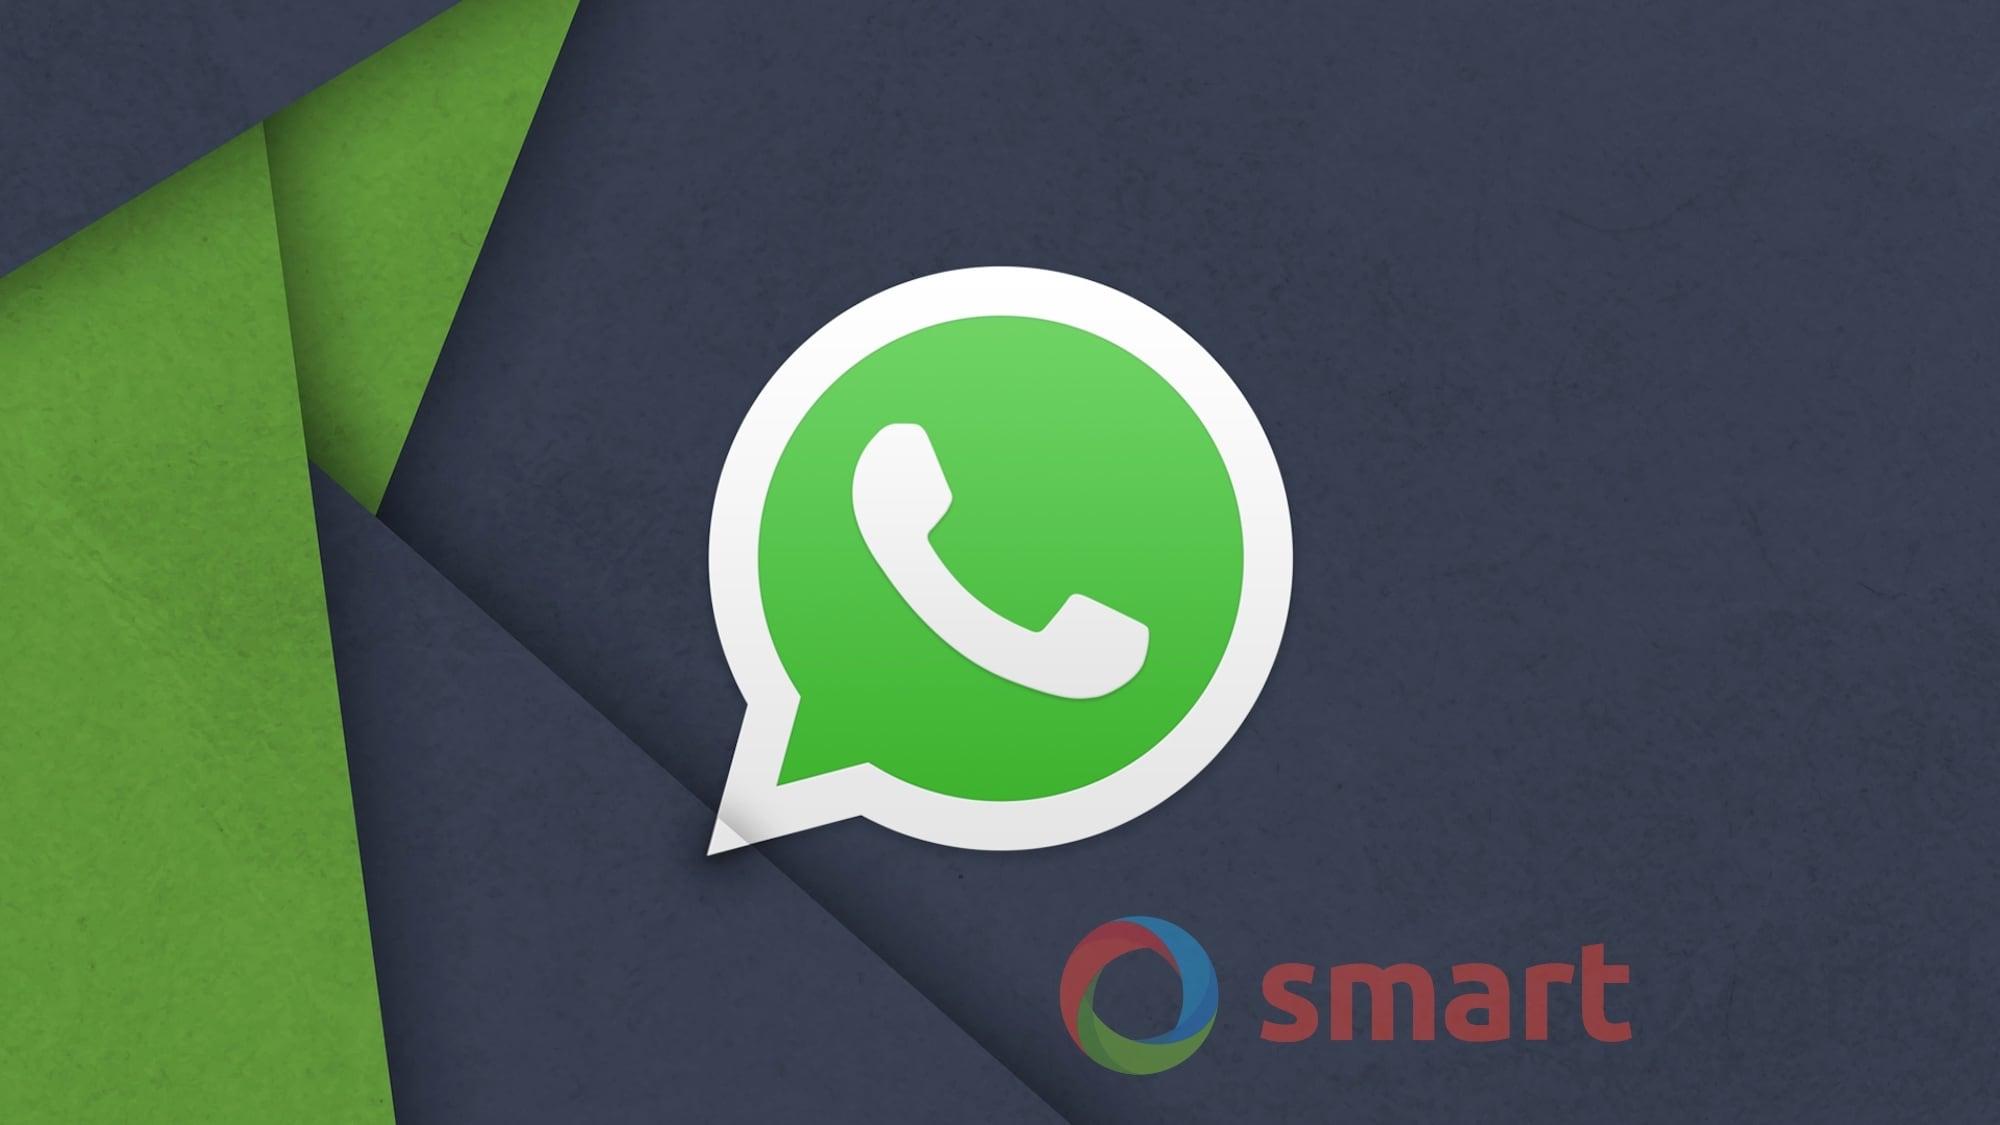 WhatsApp Web finalmente introduce i comandi per modificare le immagini (solo in beta) (foto)